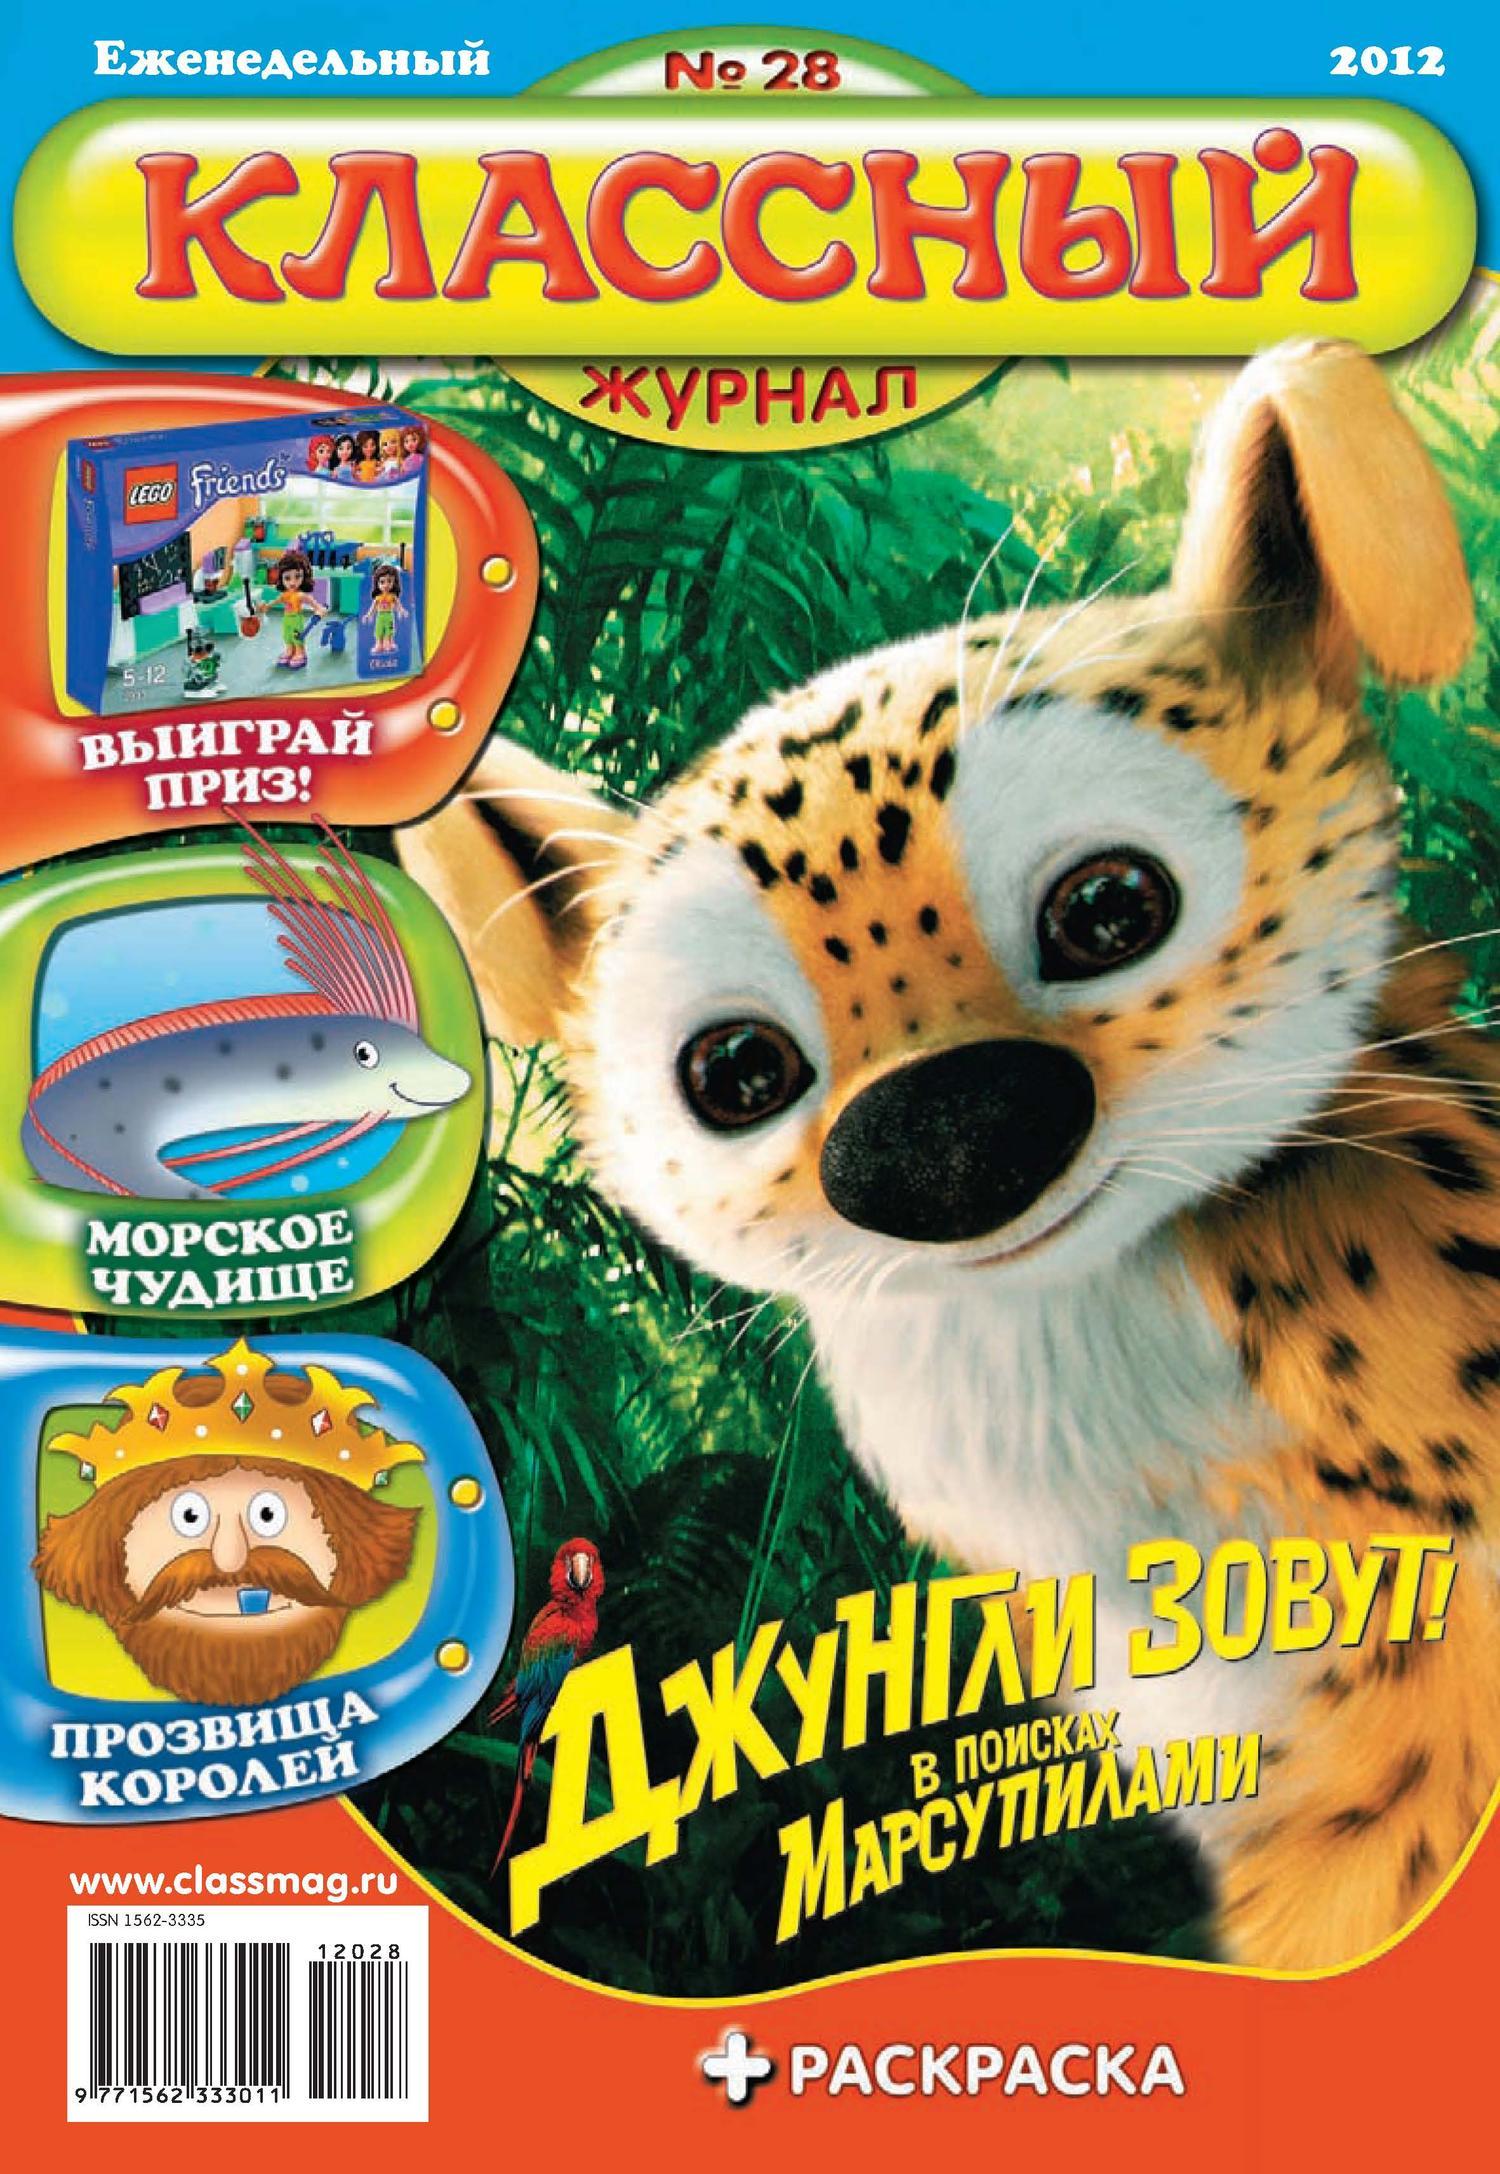 Фото - Открытые системы Классный журнал №28/2012 открытые системы классный журнал 14 2012